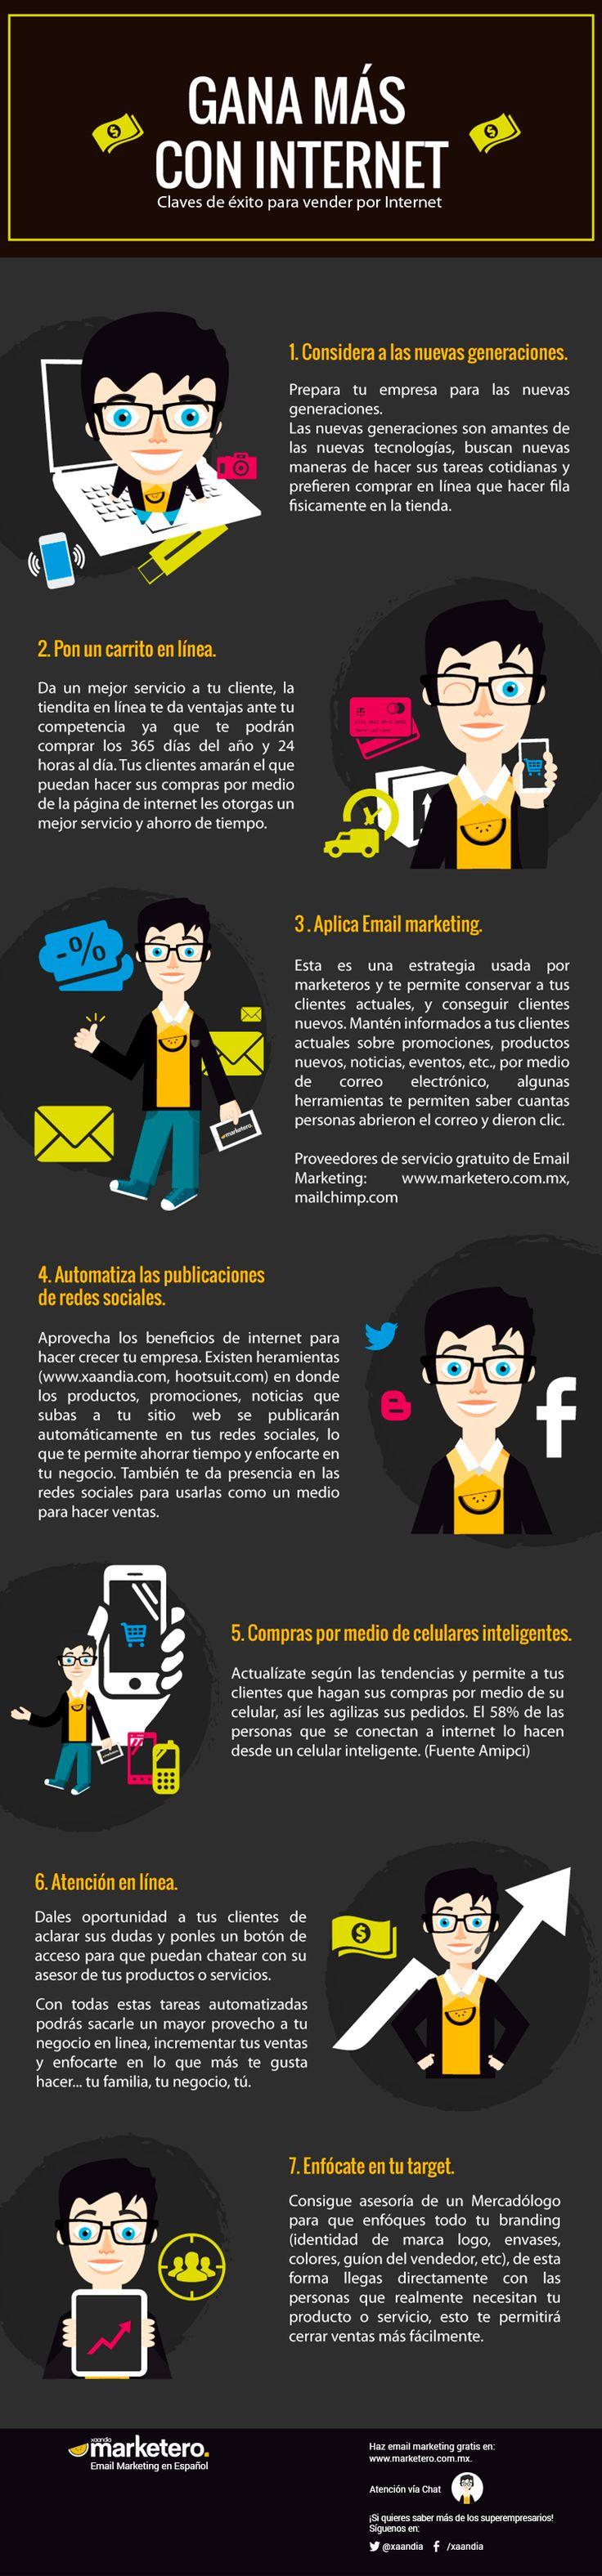 7 claves para vender por Internet #infografia #infographic #marketing | TICs y Formación